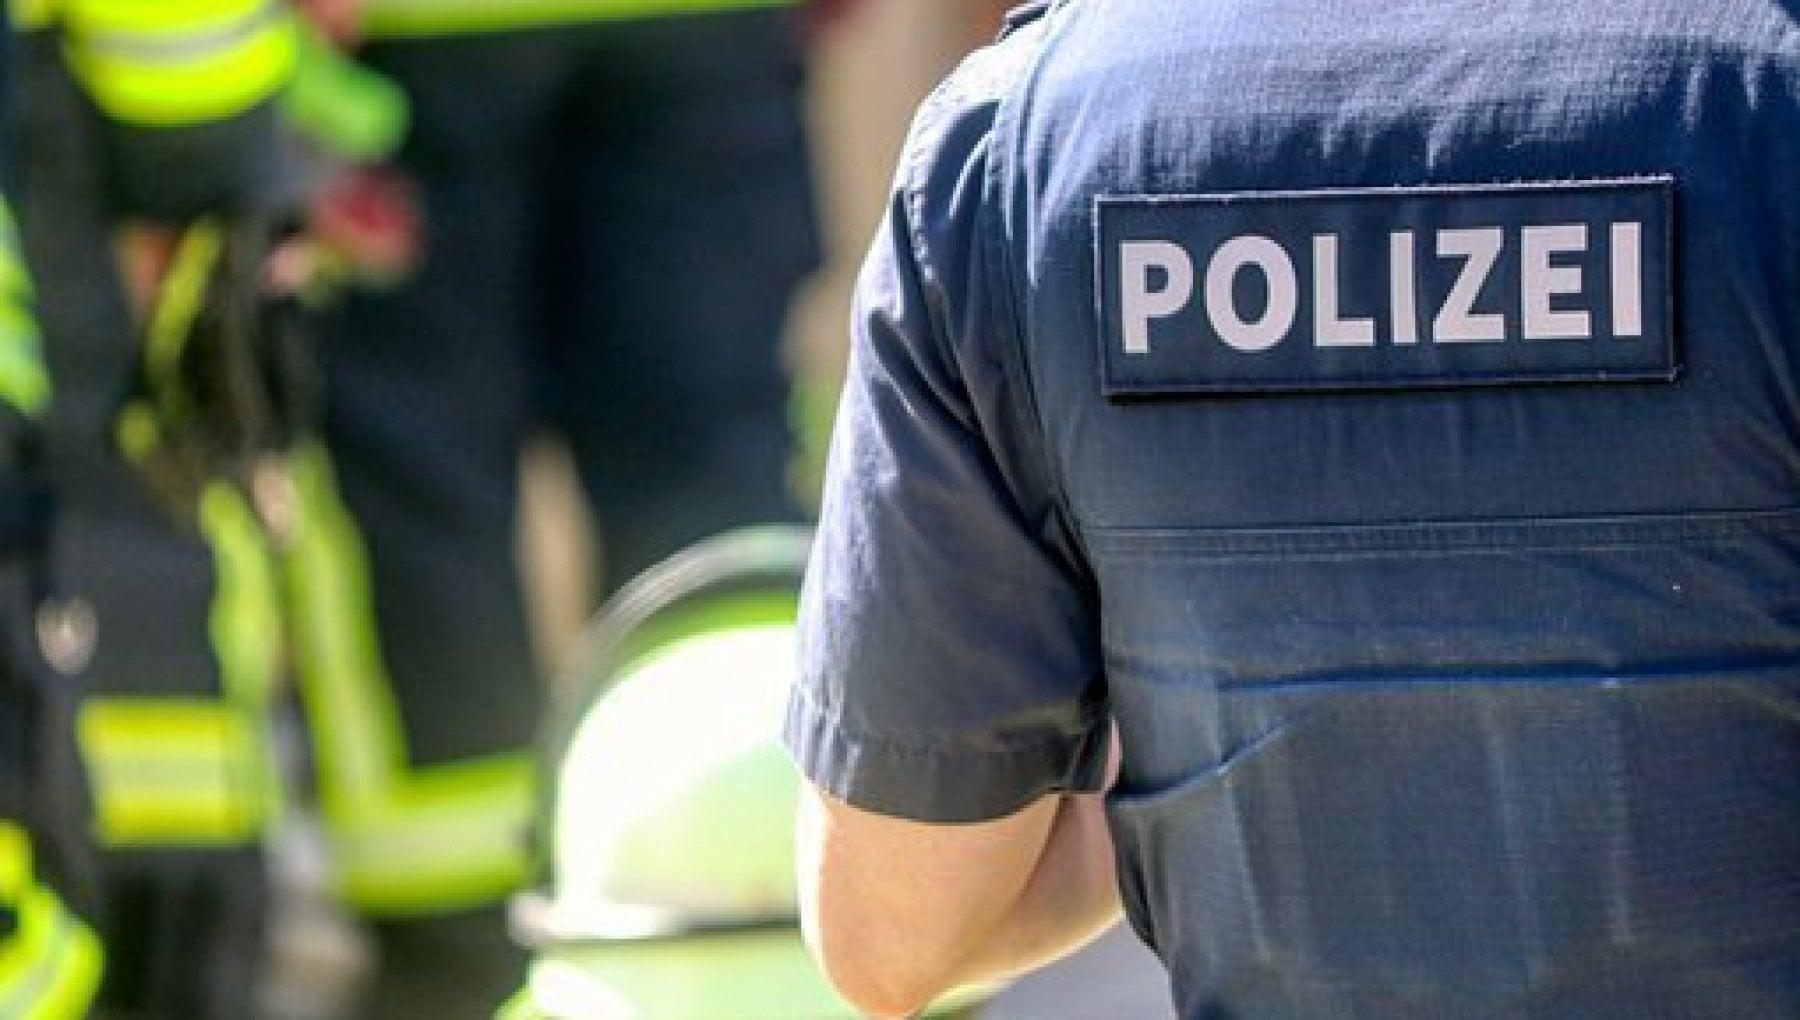 """181957895 9a304e2b 7a9b 4f6d 9726 13a002350b63 - Svizzera, il """"delitto passionale"""" resta nel codice penale. Insorge il movimento delle donne"""